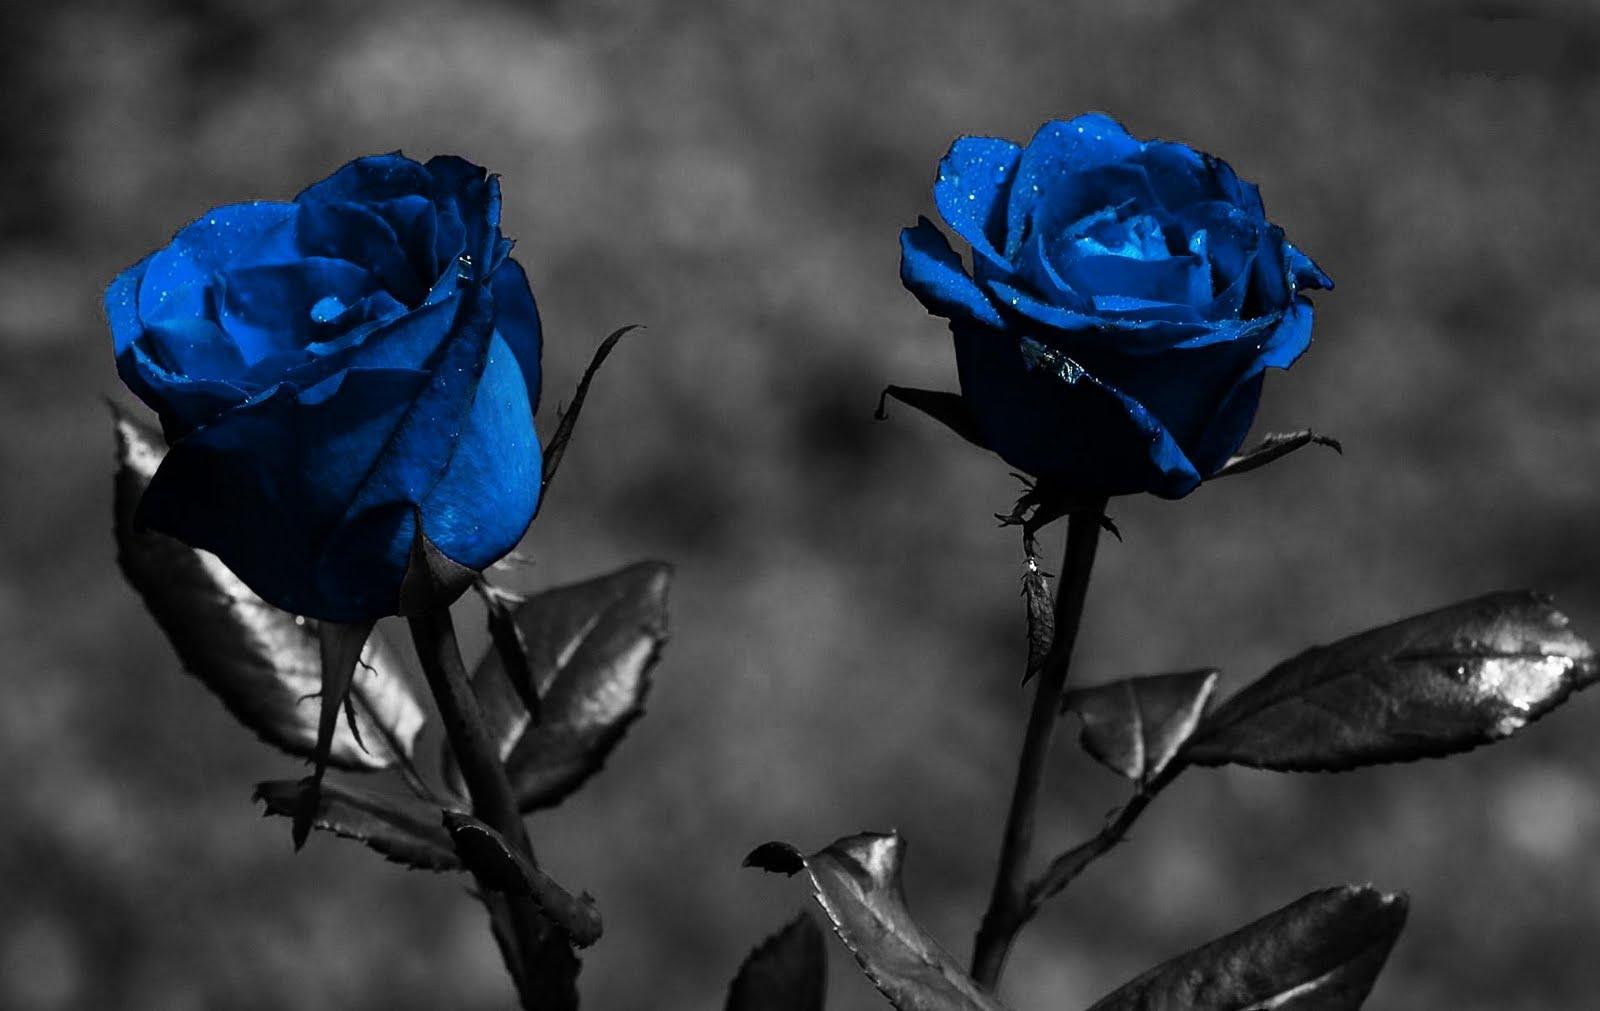 Dark Blue And White Flowers: Imagenes De Rosas Azules